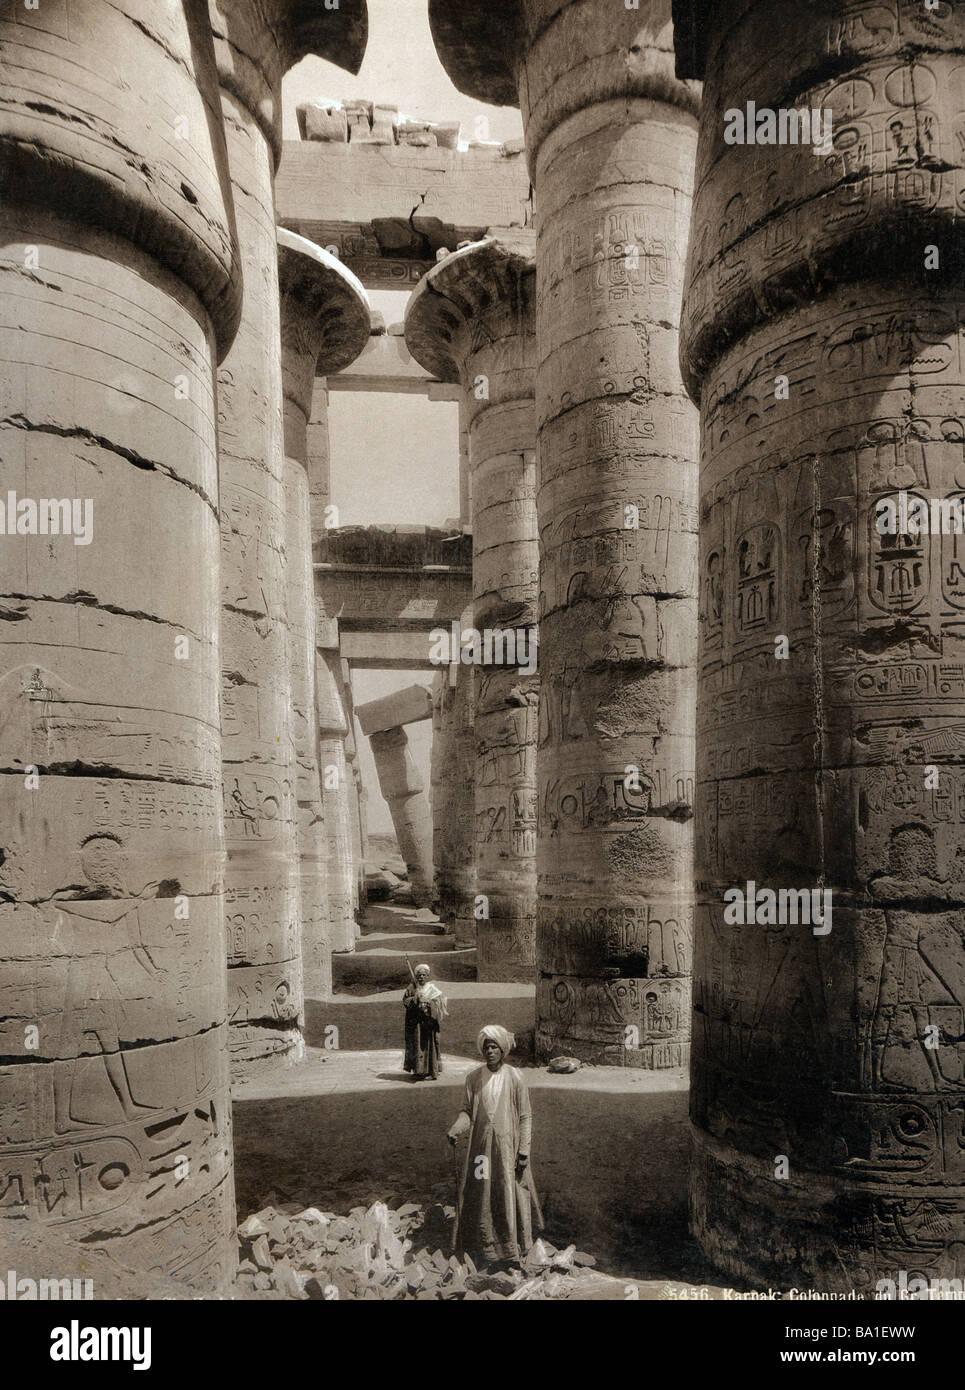 Geografia / viaggi, Egitto, Tebe East Bank, Karnak, il tempio di Amon, Hypostyle Hall, Edition Schroeder et Cie., Immagini Stock